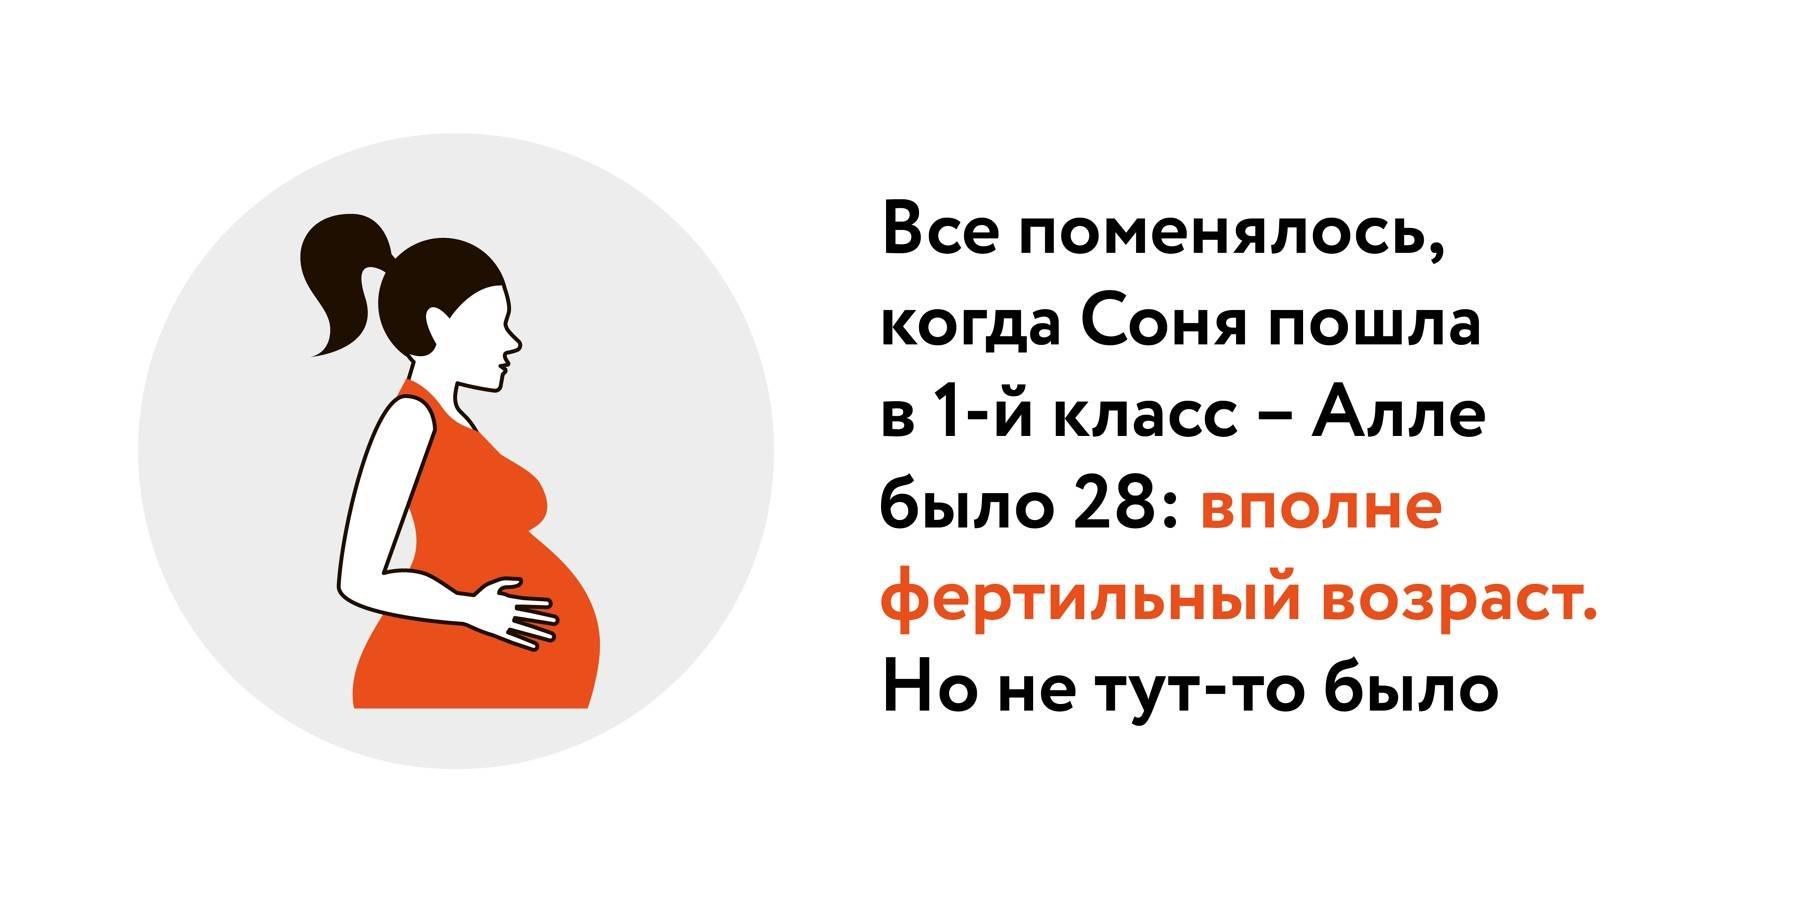 Норма фертильности у мужчин: что это такое